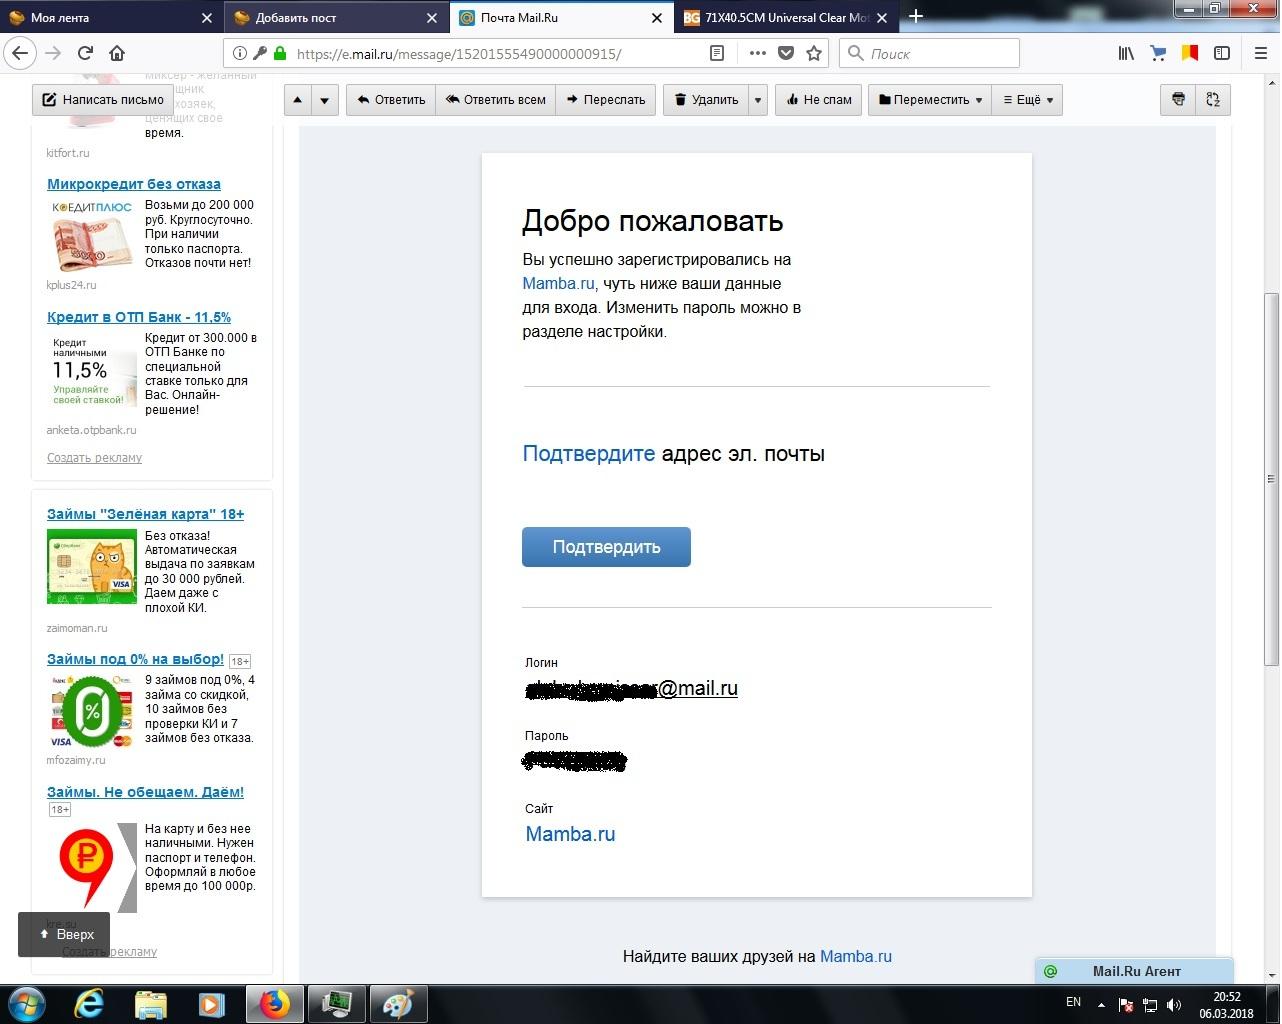 Взлом страницы знакомства@mail.ru знакомства в хусте без регистрацыи